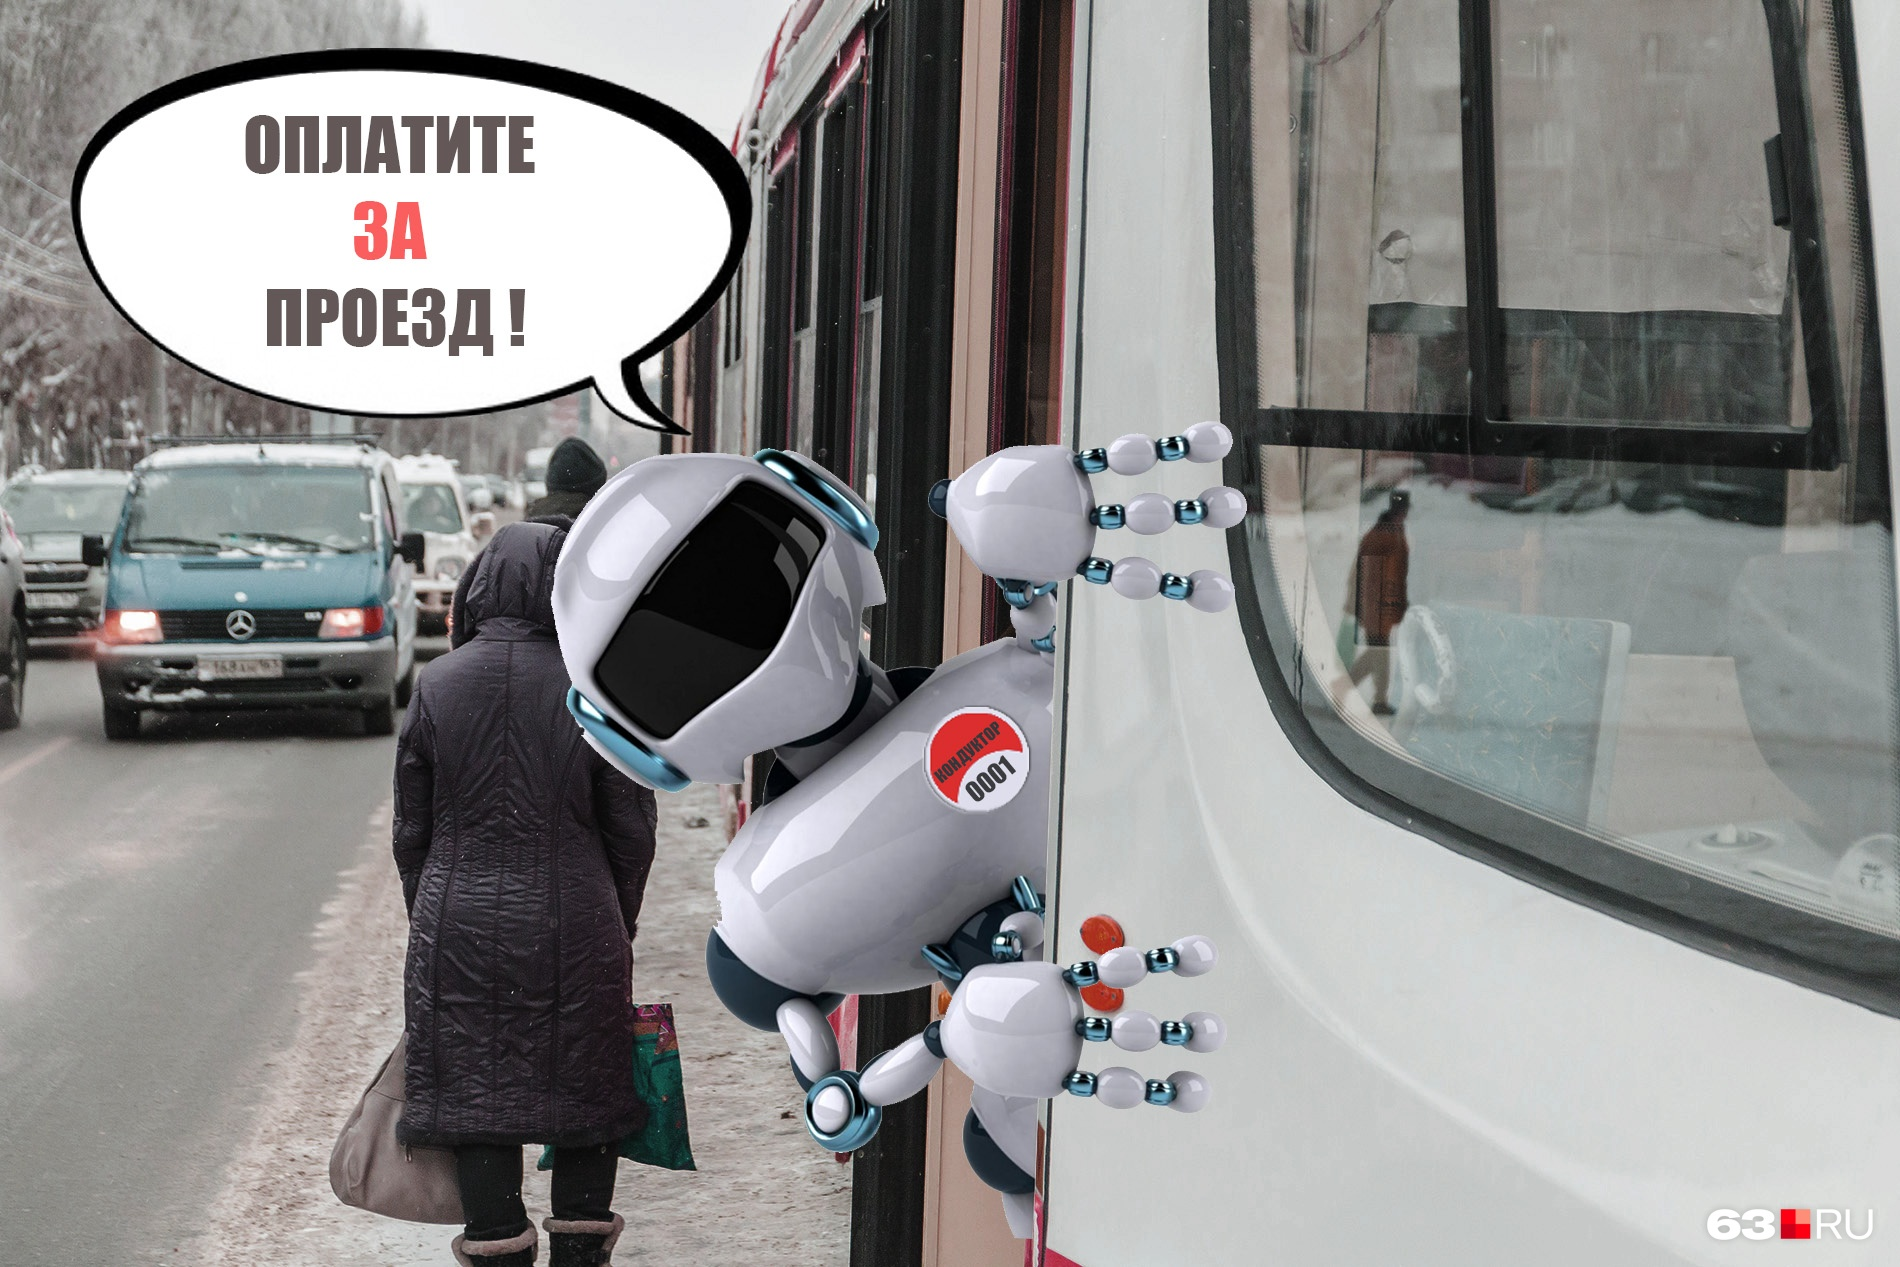 Интересно, а сохранят ли роботам лексику наших любимых кондукторов